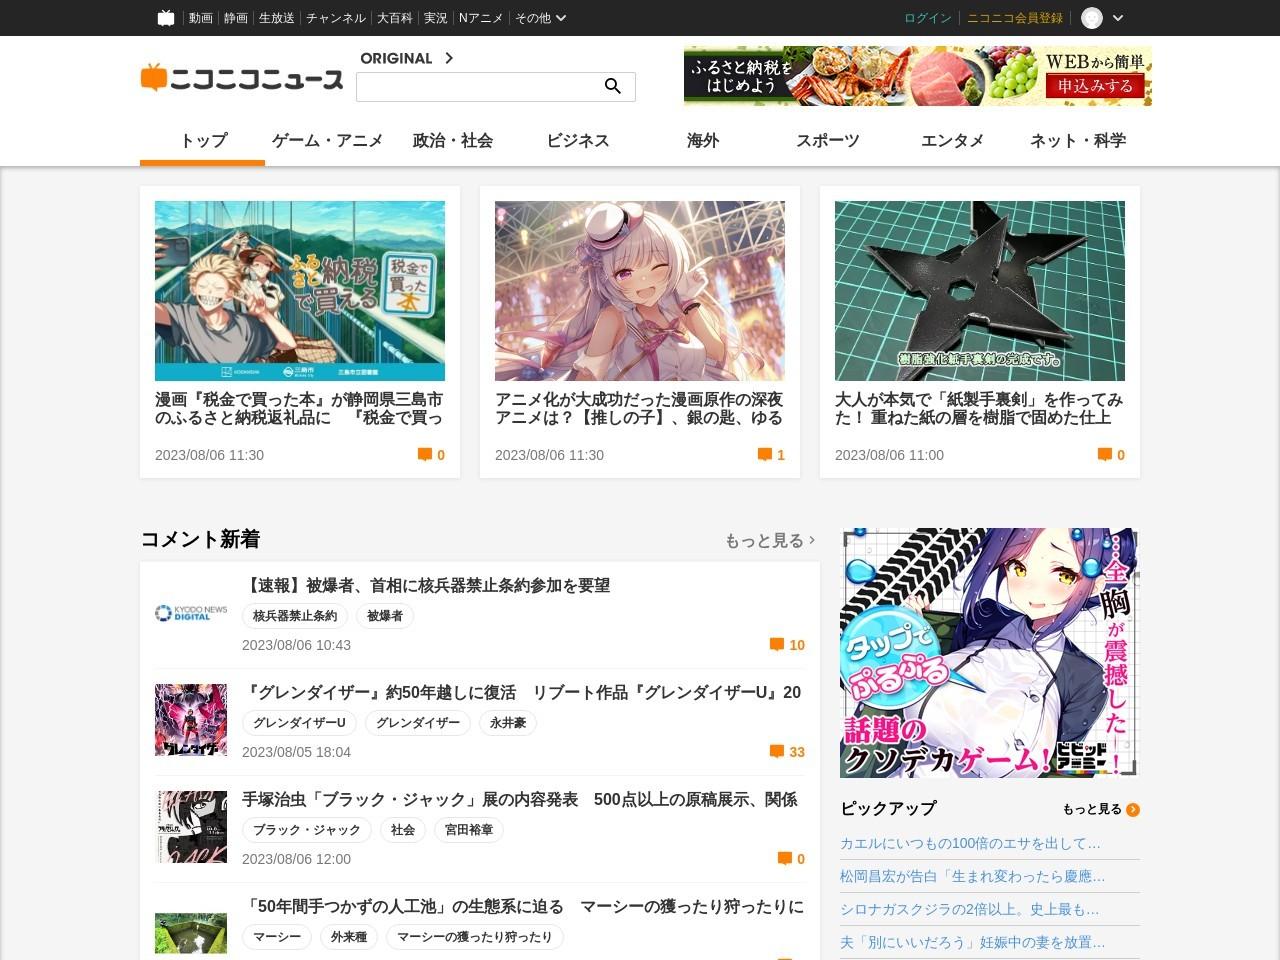 『ヒプノシスマイク』2nd Liveに絶叫!! 中島ヨシキの愛猫も公開 【8月の人気記事ランキング】